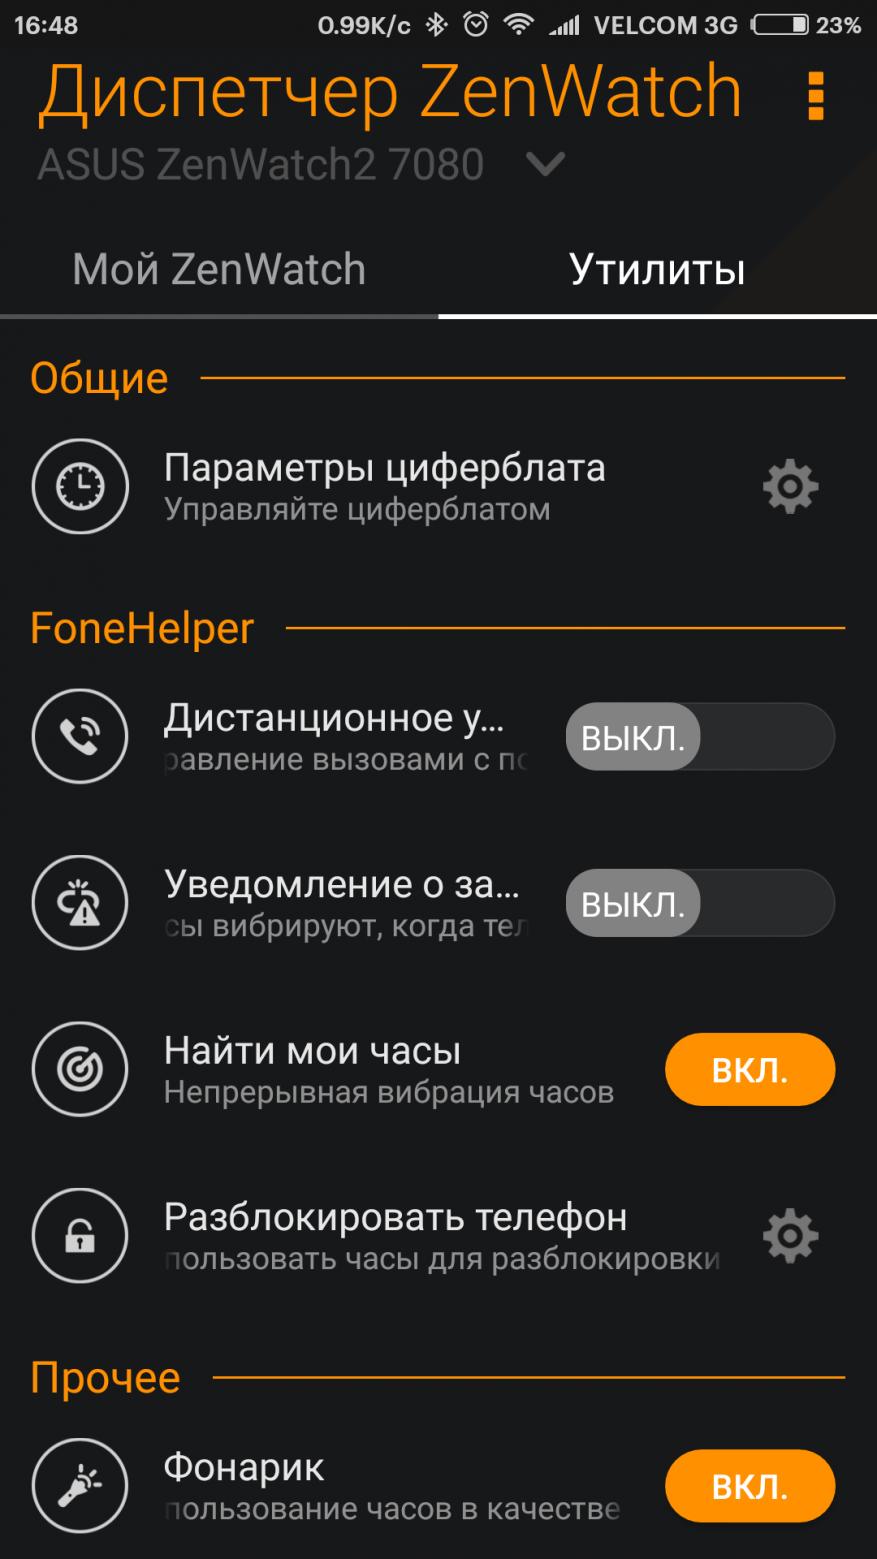 Пользователи часто спрашивают о модификации ос.